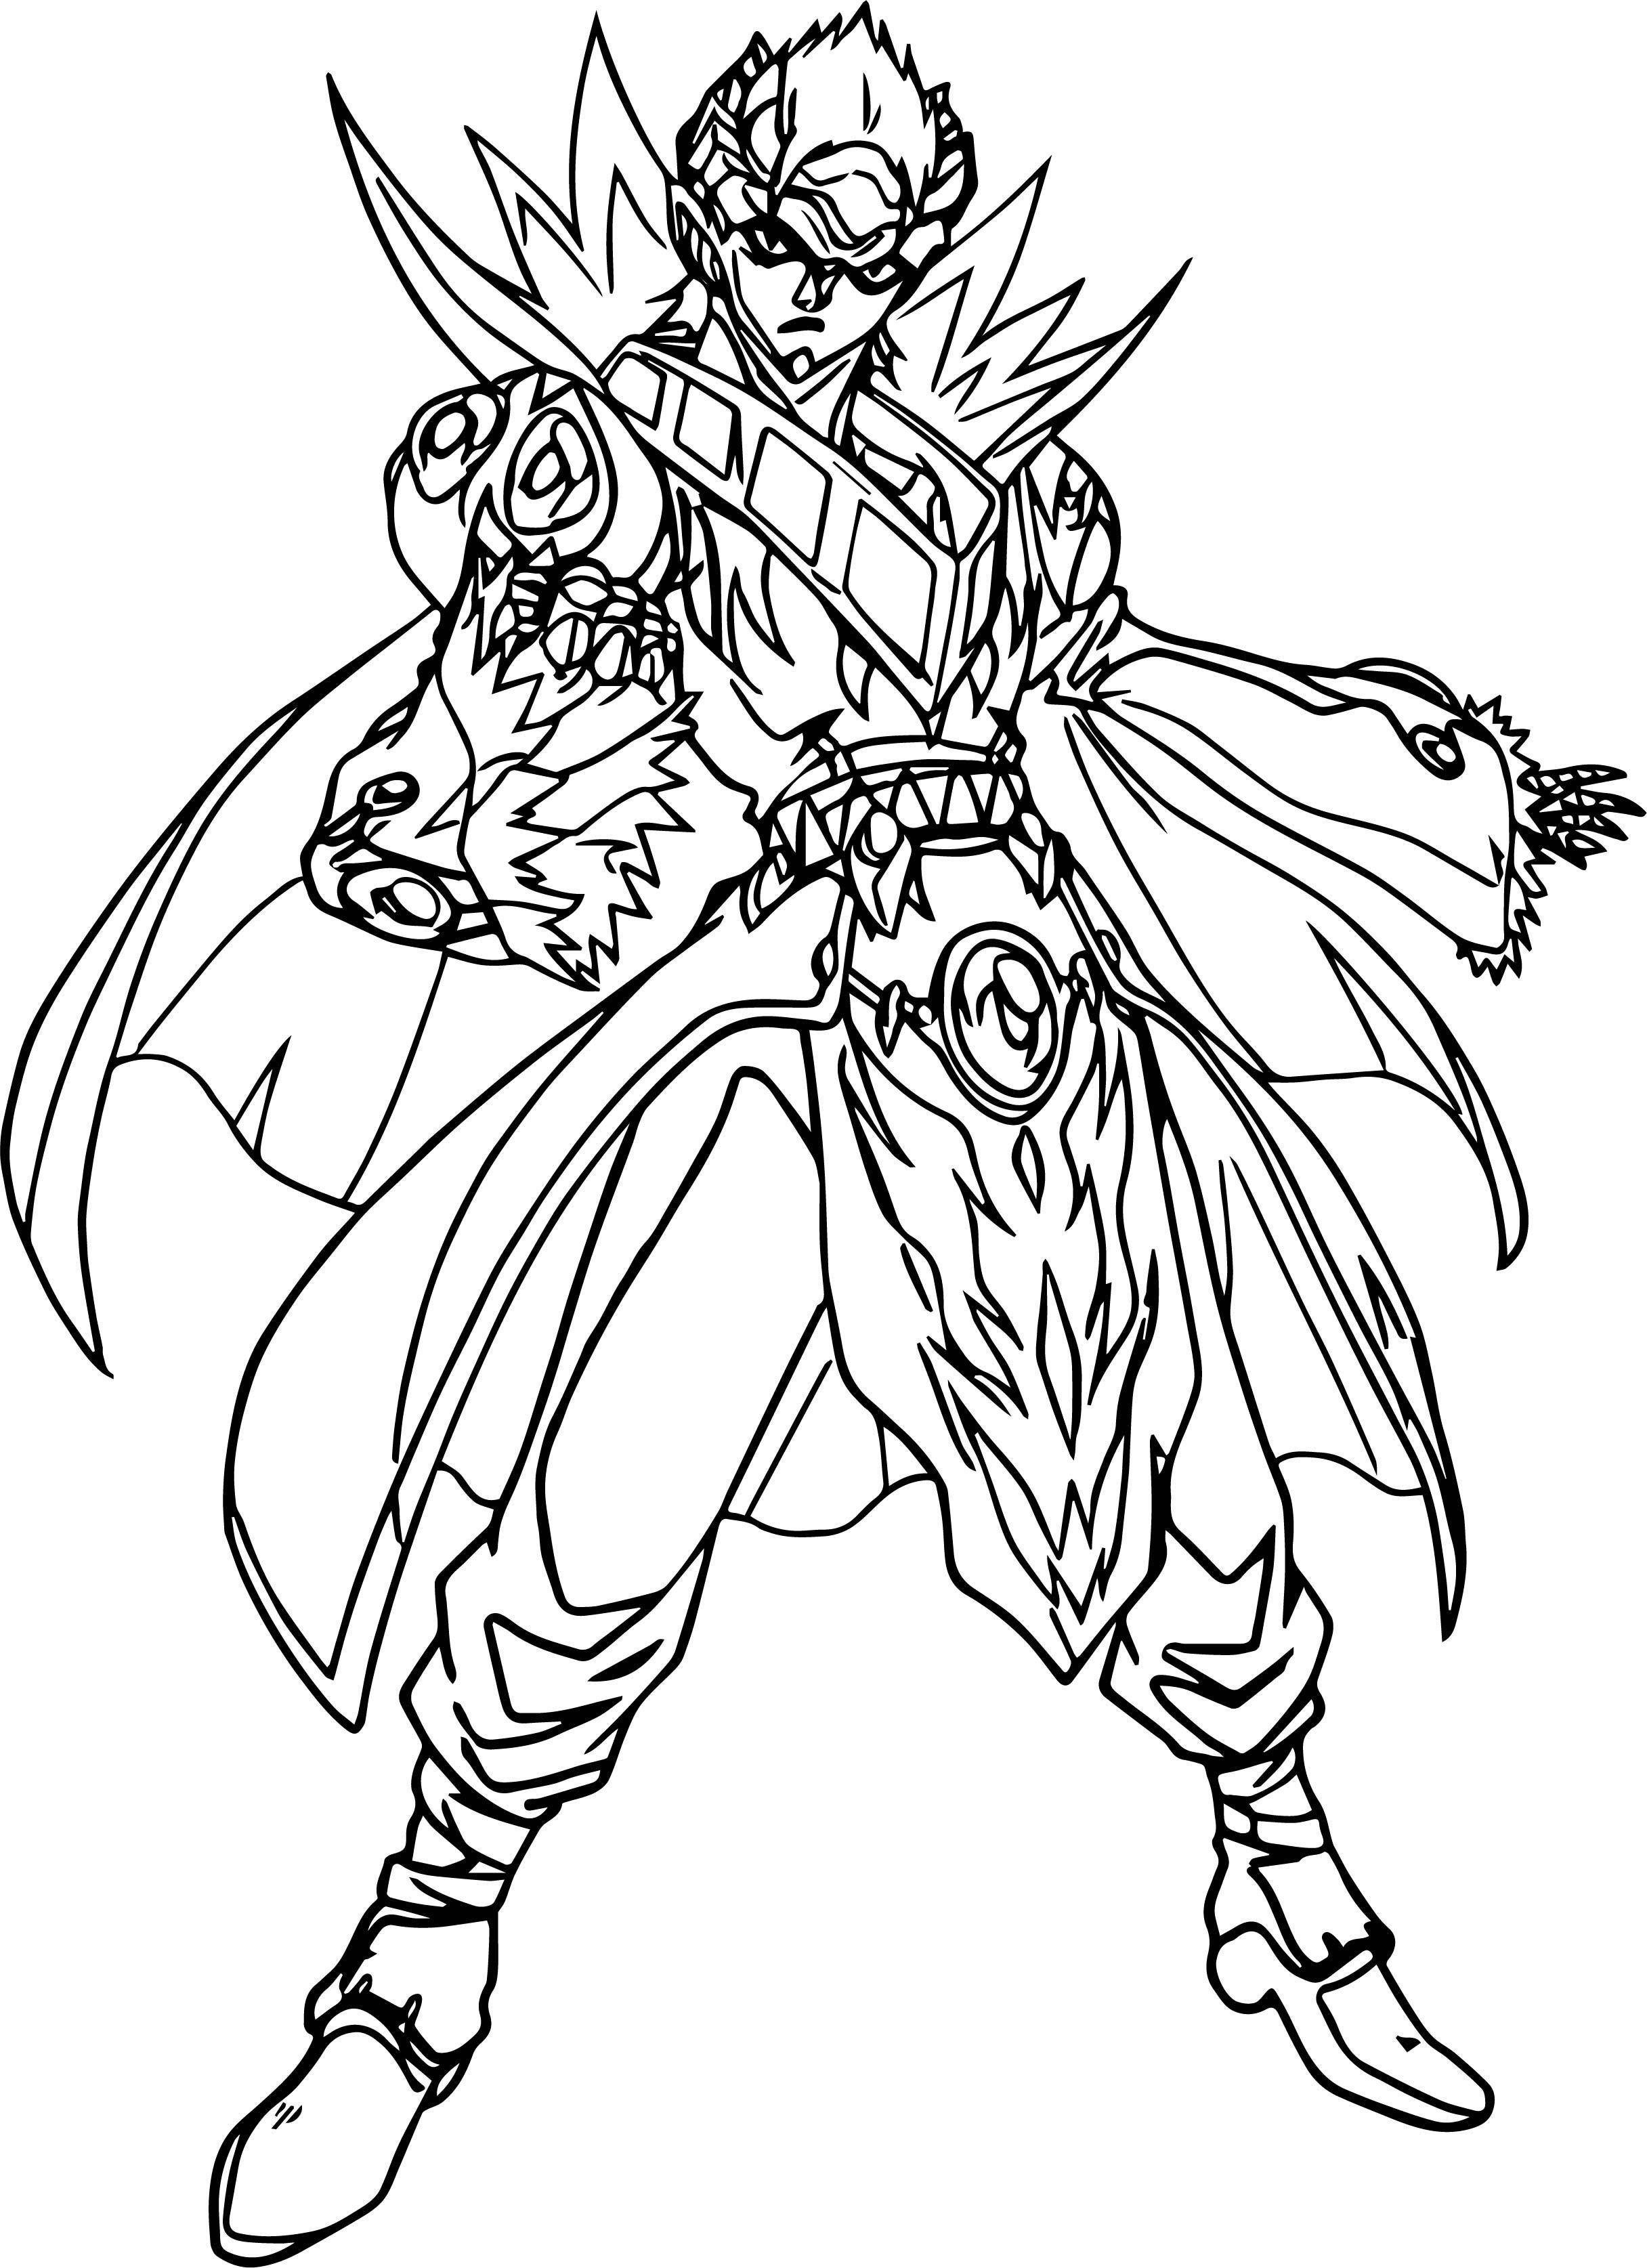 Bakugan Gundalian Invaders Coloring Page